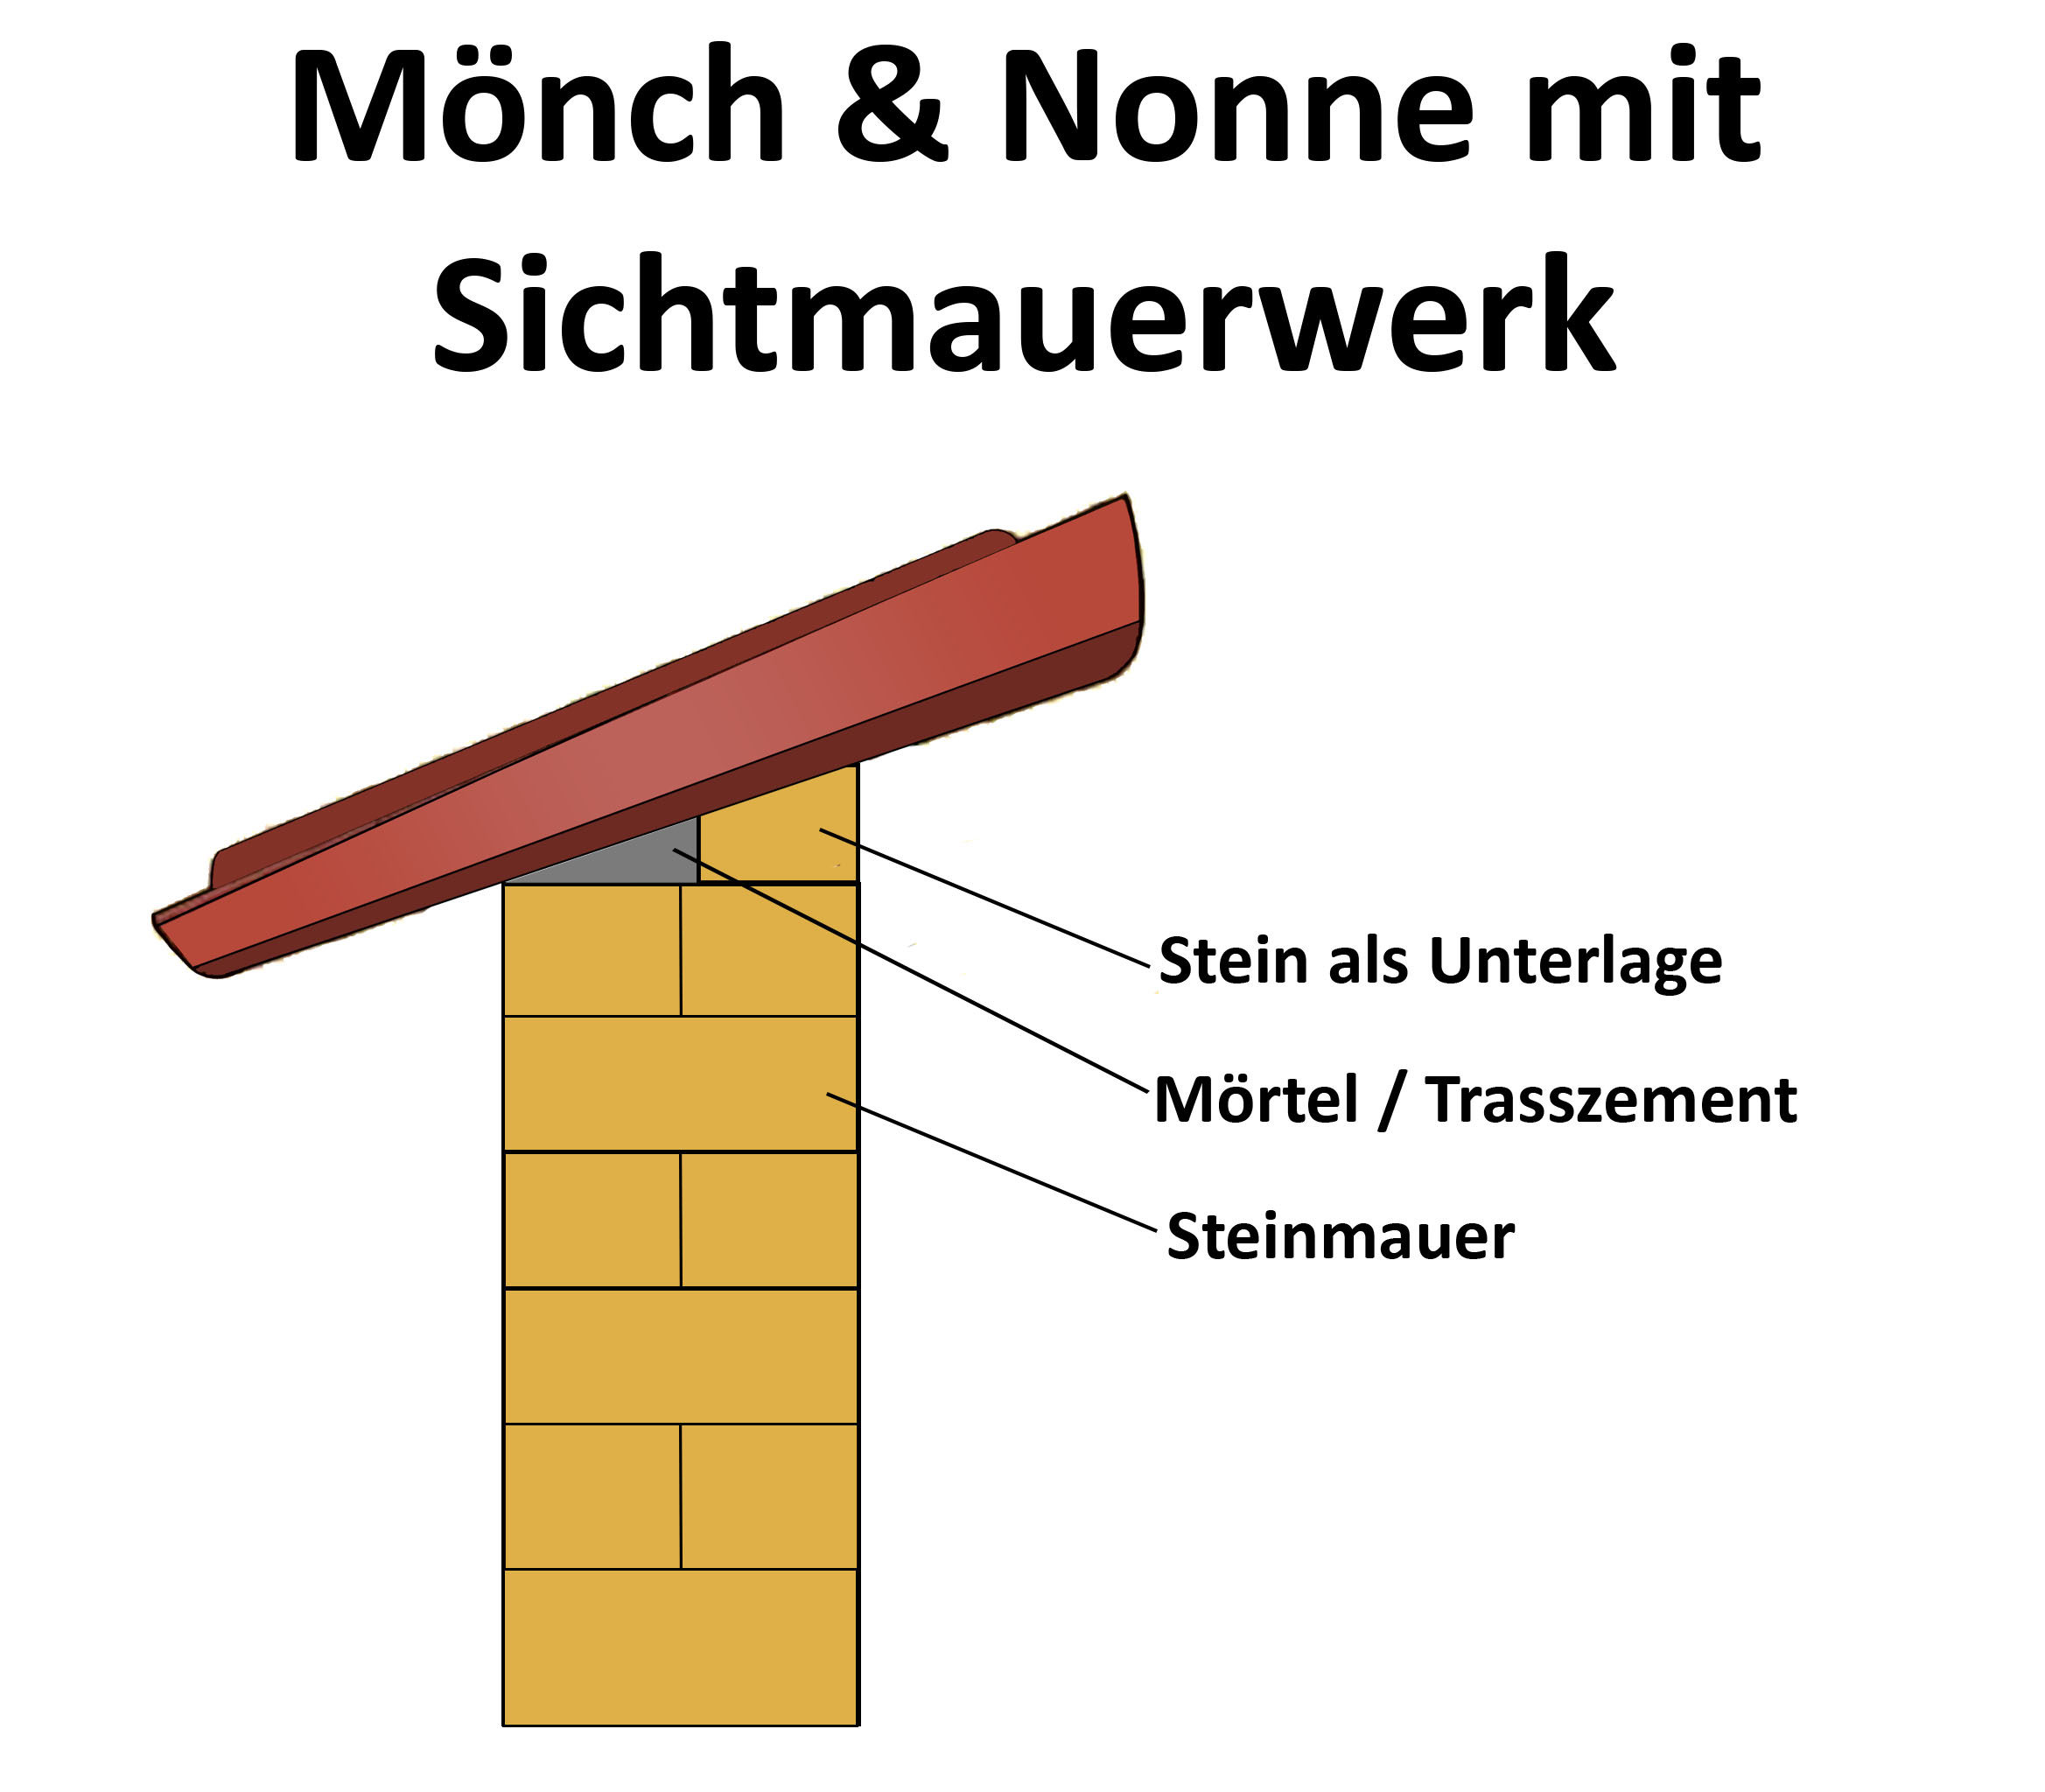 Mönch Nonnen Ziegel - Montage bei Sichtmauerwerk